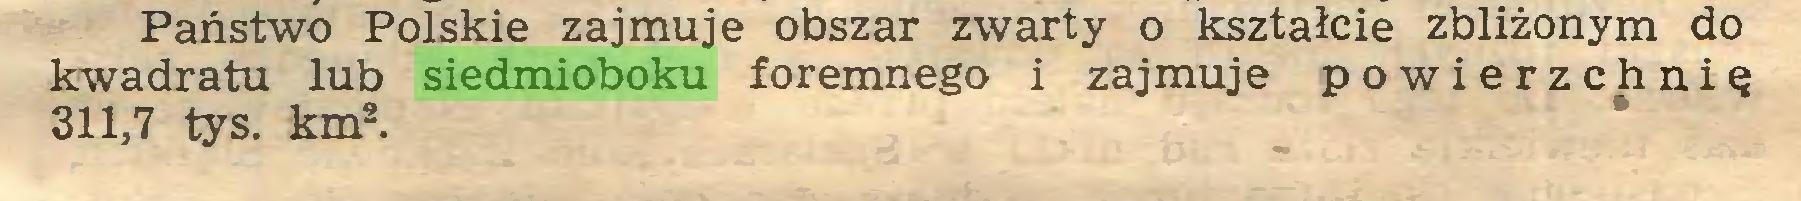 (...) Państwo Polskie zajmuje obszar zwarty o kształcie zbliżonym do kwadratu lub siedmioboku foremnego i zajmuje powierzchnię 311,7 tys. km2...